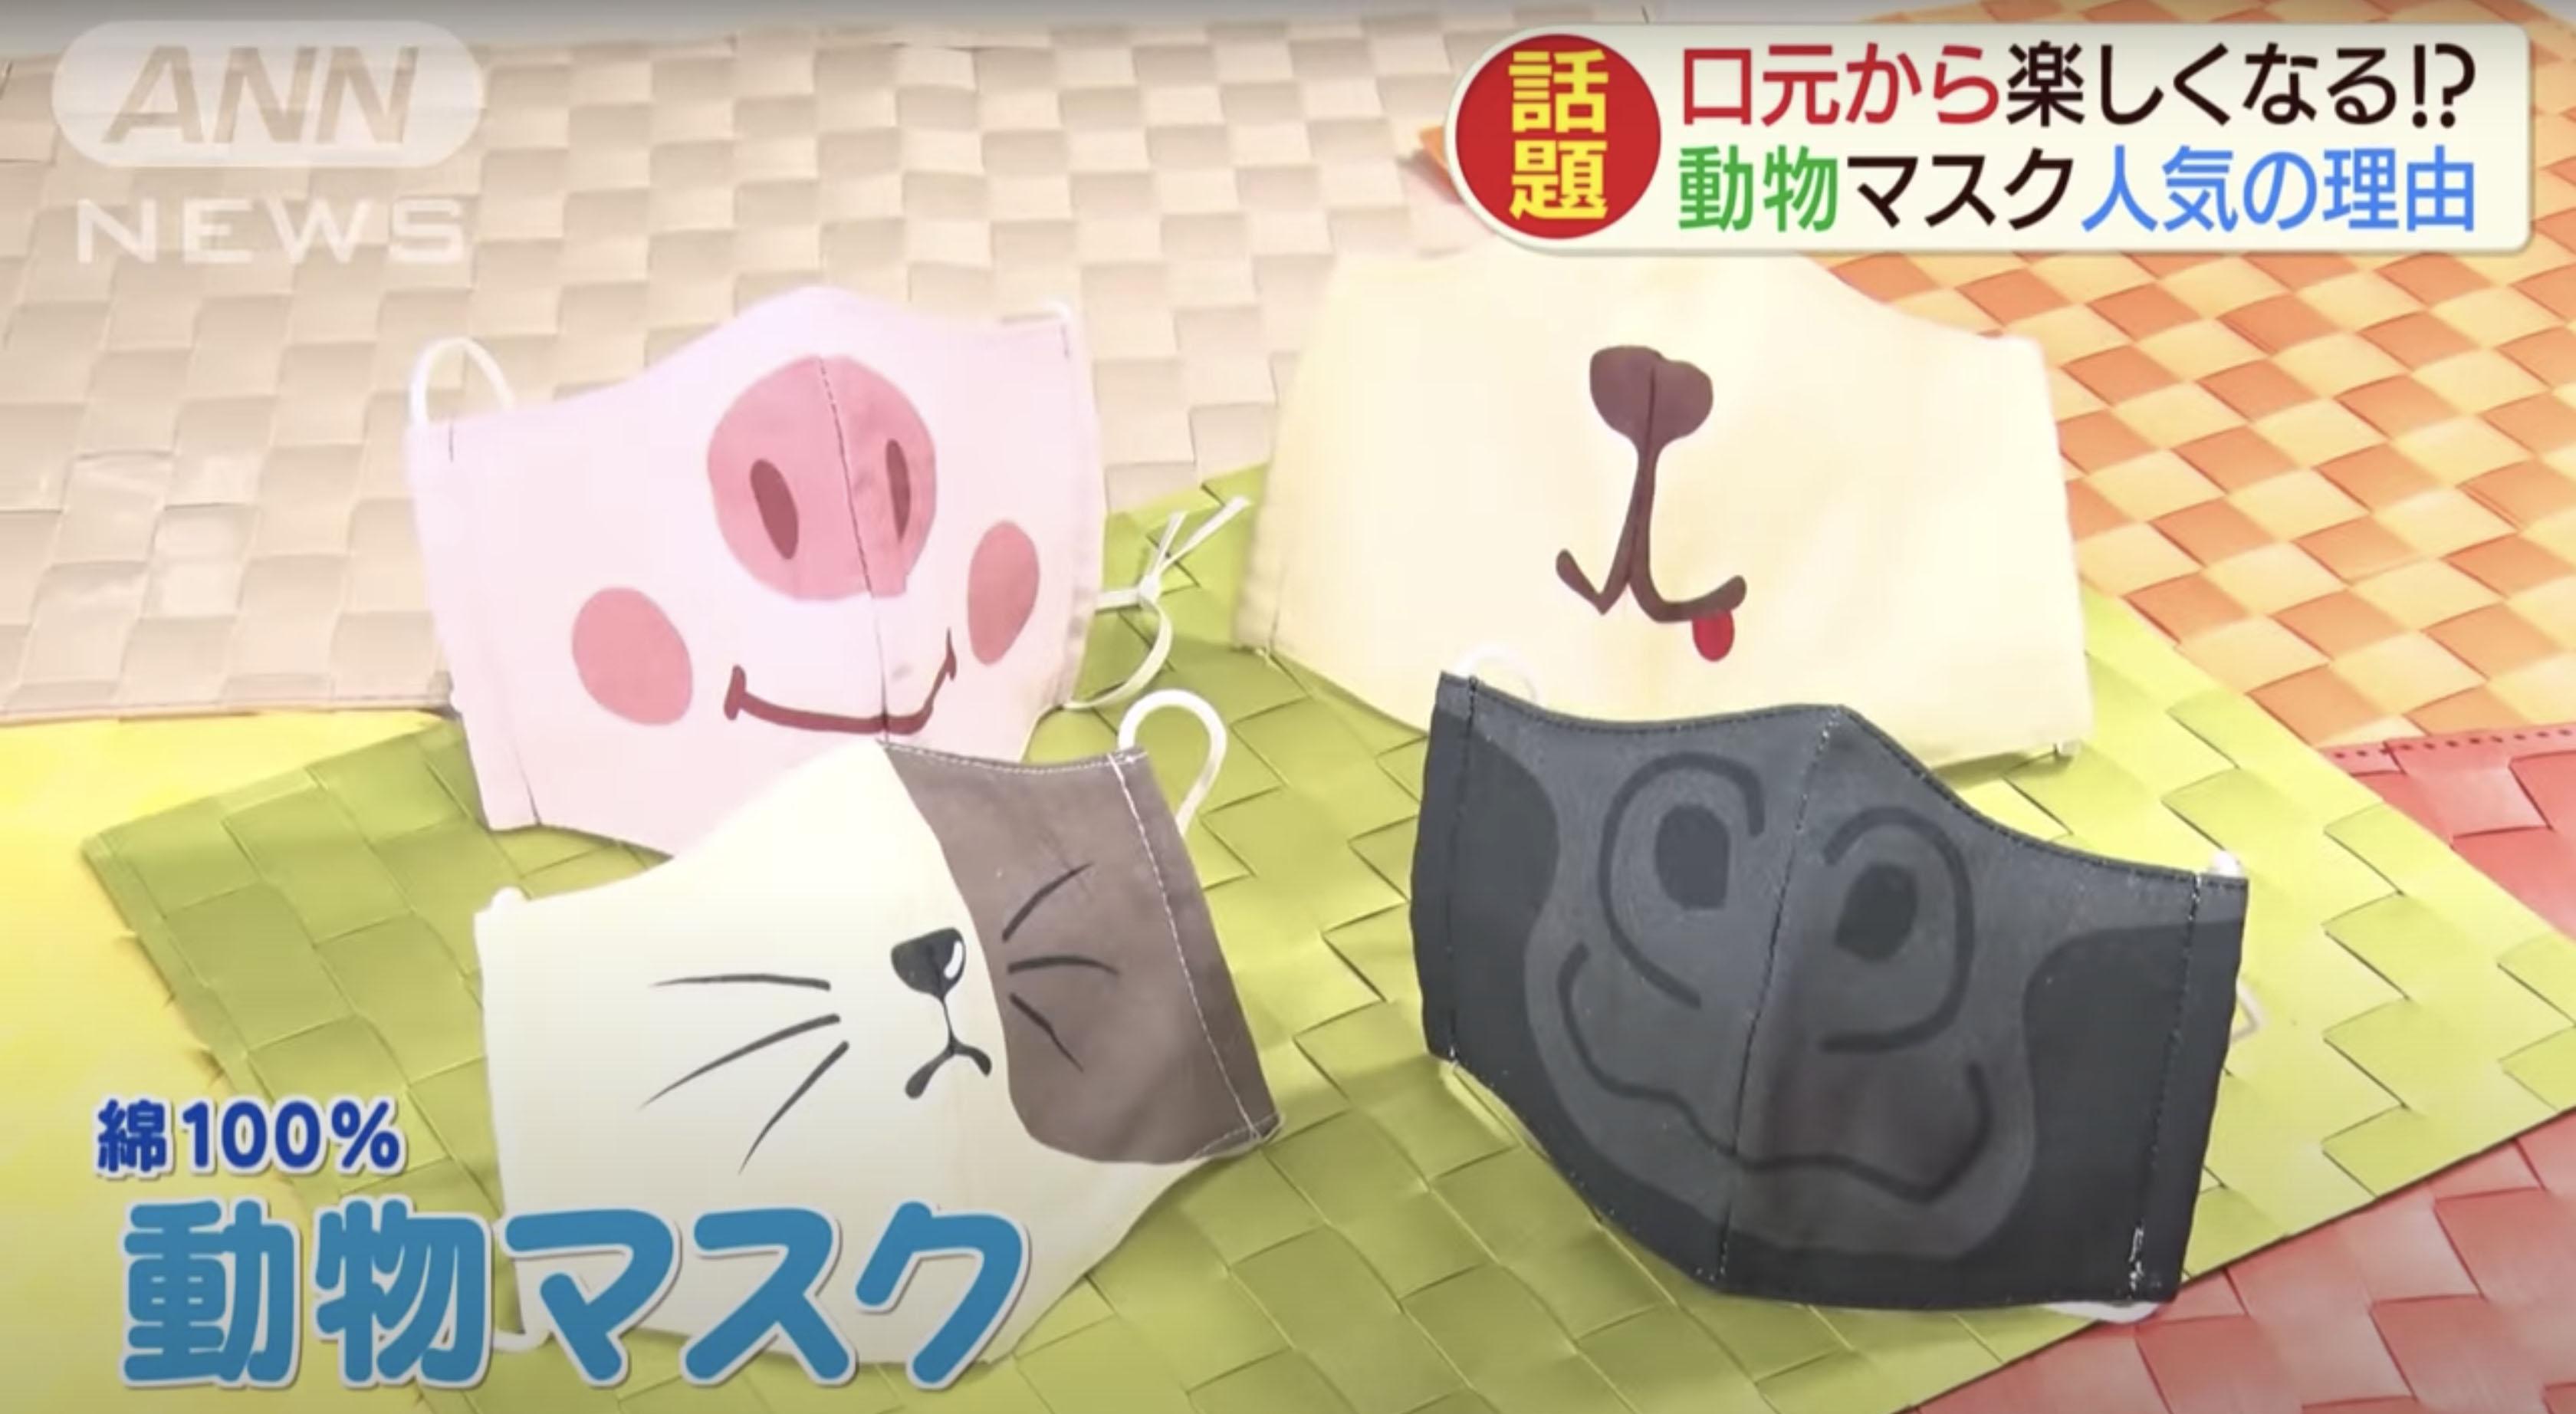 """【動物マスク""""が大人気】着けるだけで楽しい!"""